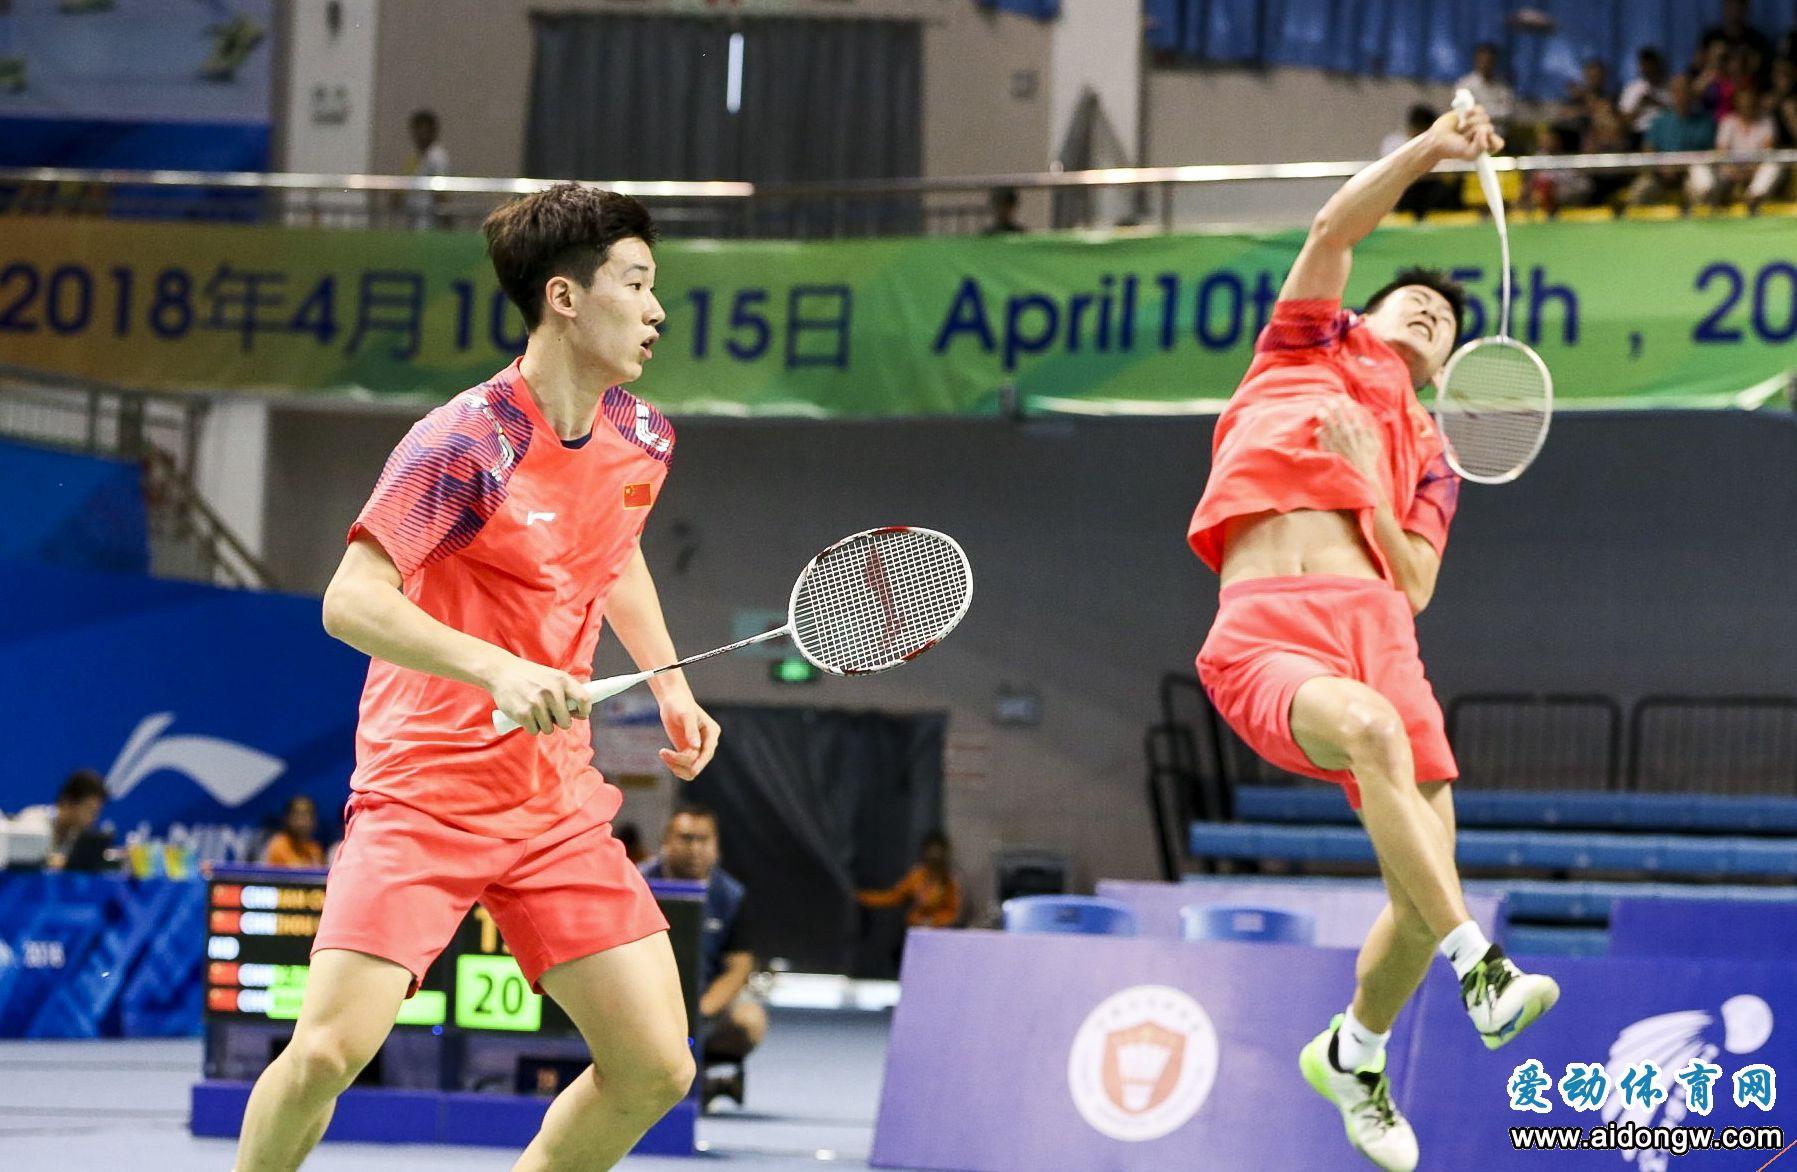 2018中国(陵水)国际羽毛球大师赛落幕 中国队斩获四个单项冠军